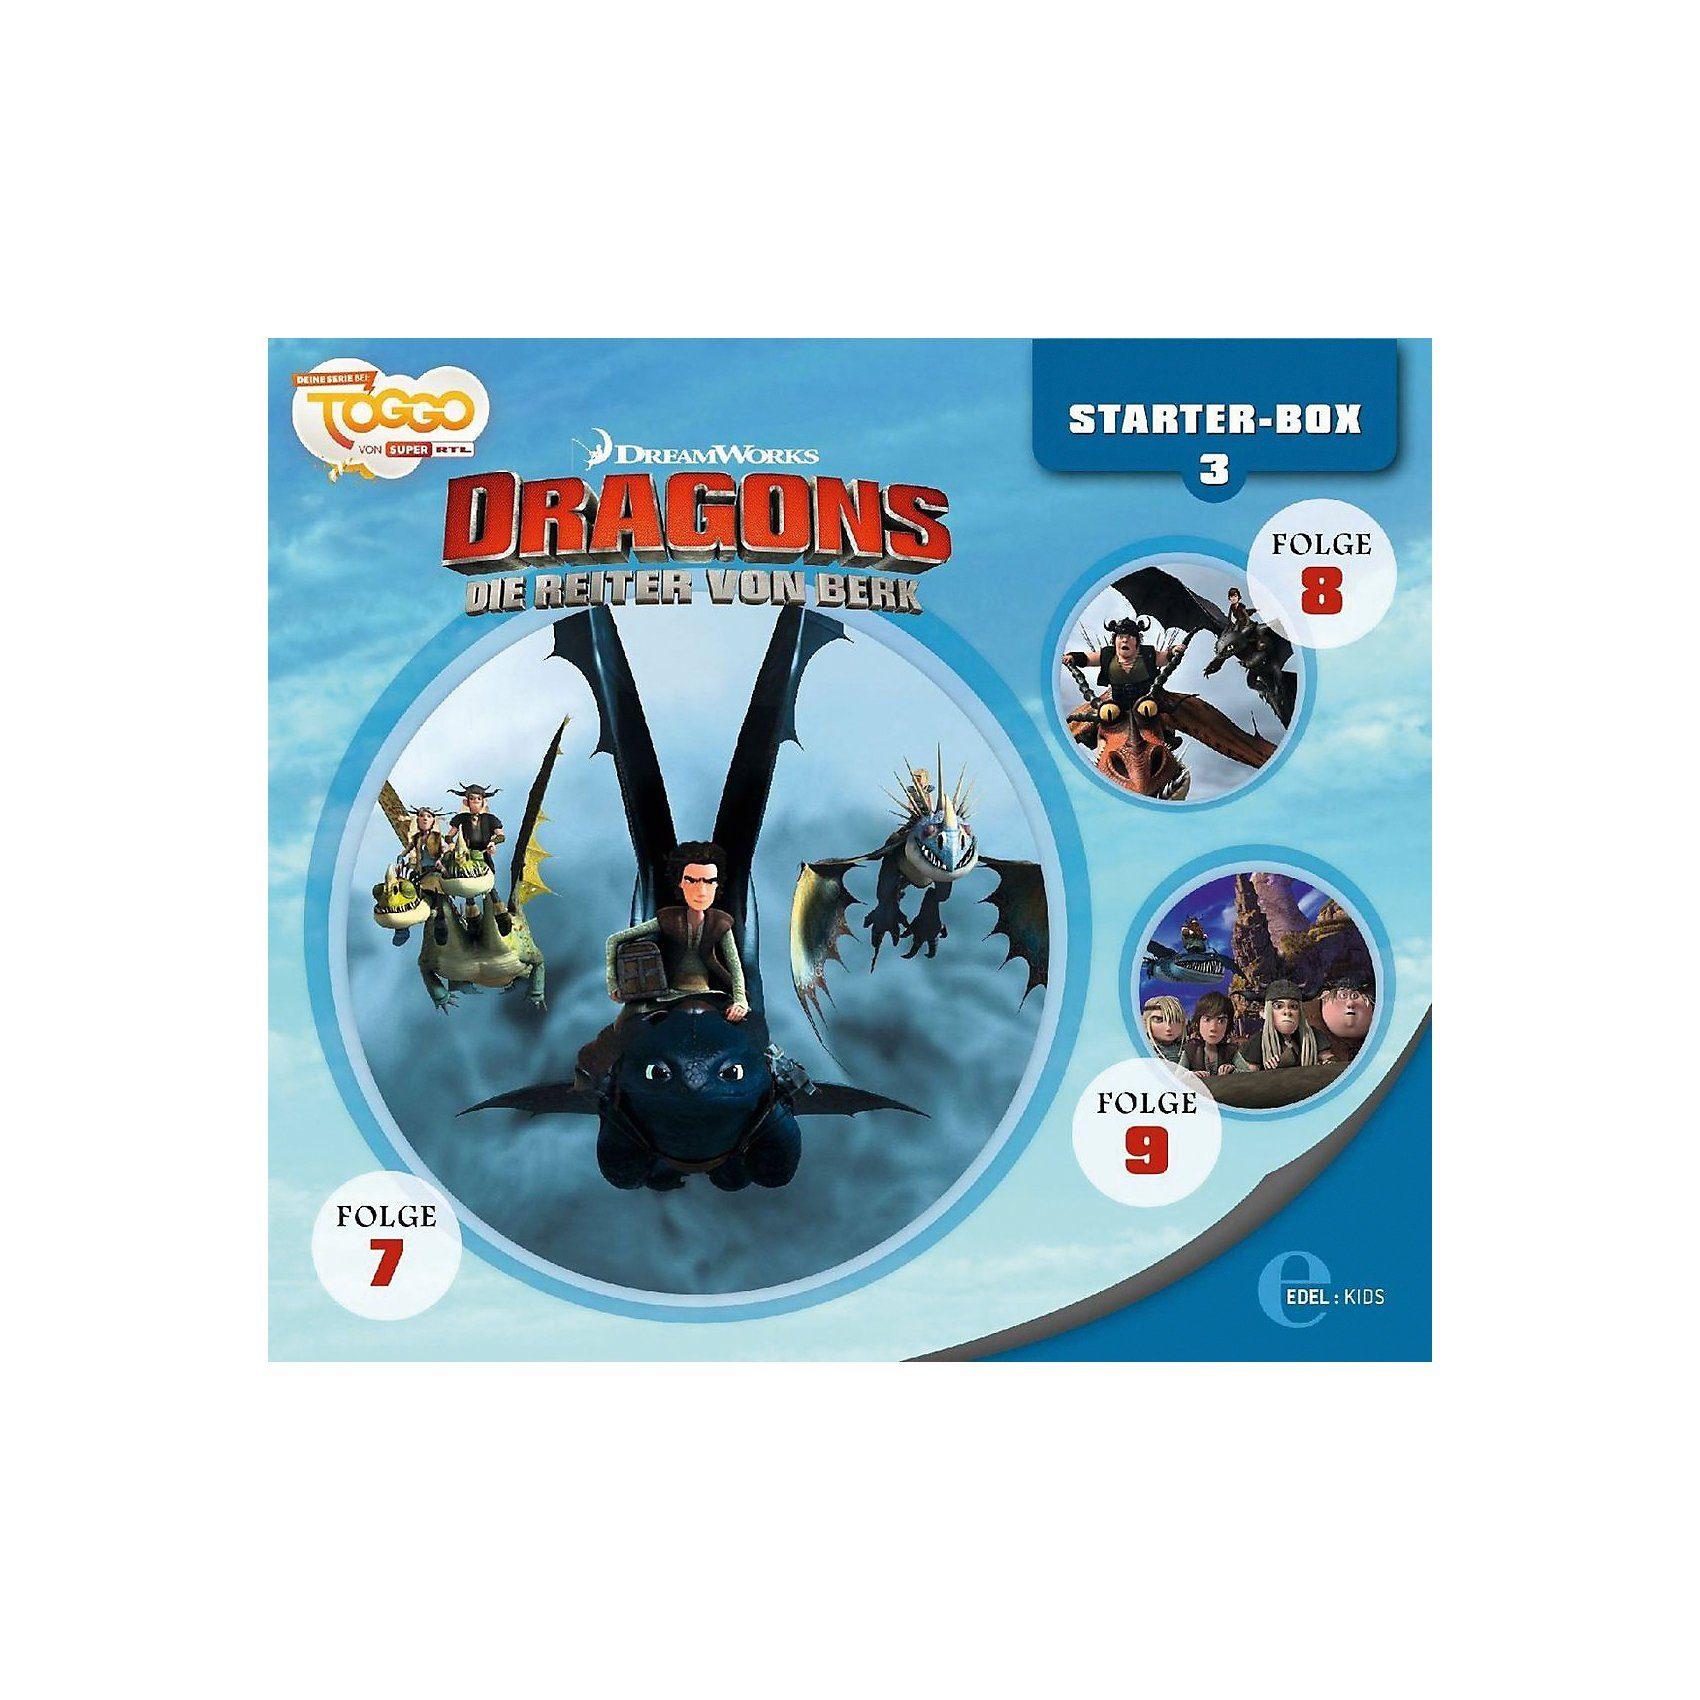 Edel CD Dragons - Die Reiter von Berk - Starter-Box 3 (3 CDs, Fol